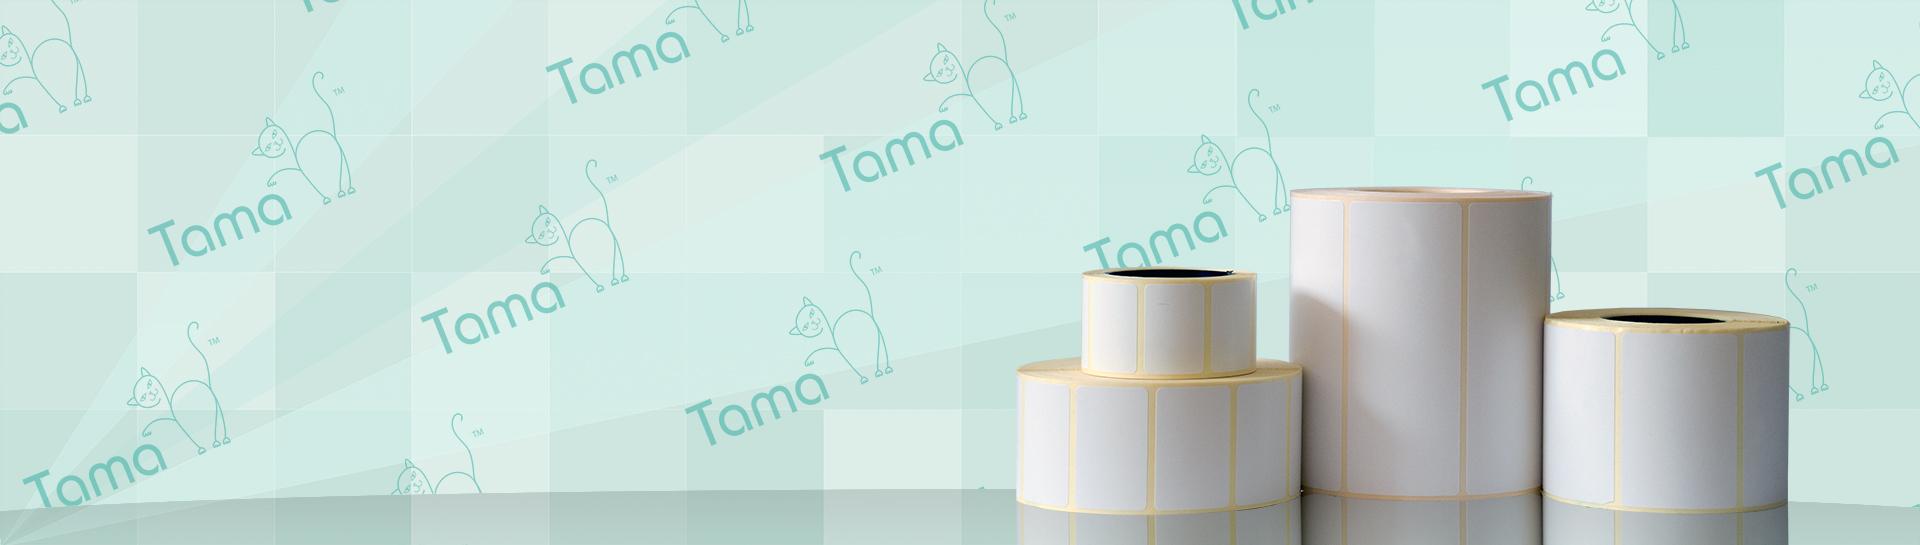 Этикетка Tama™ - качество превыше всего